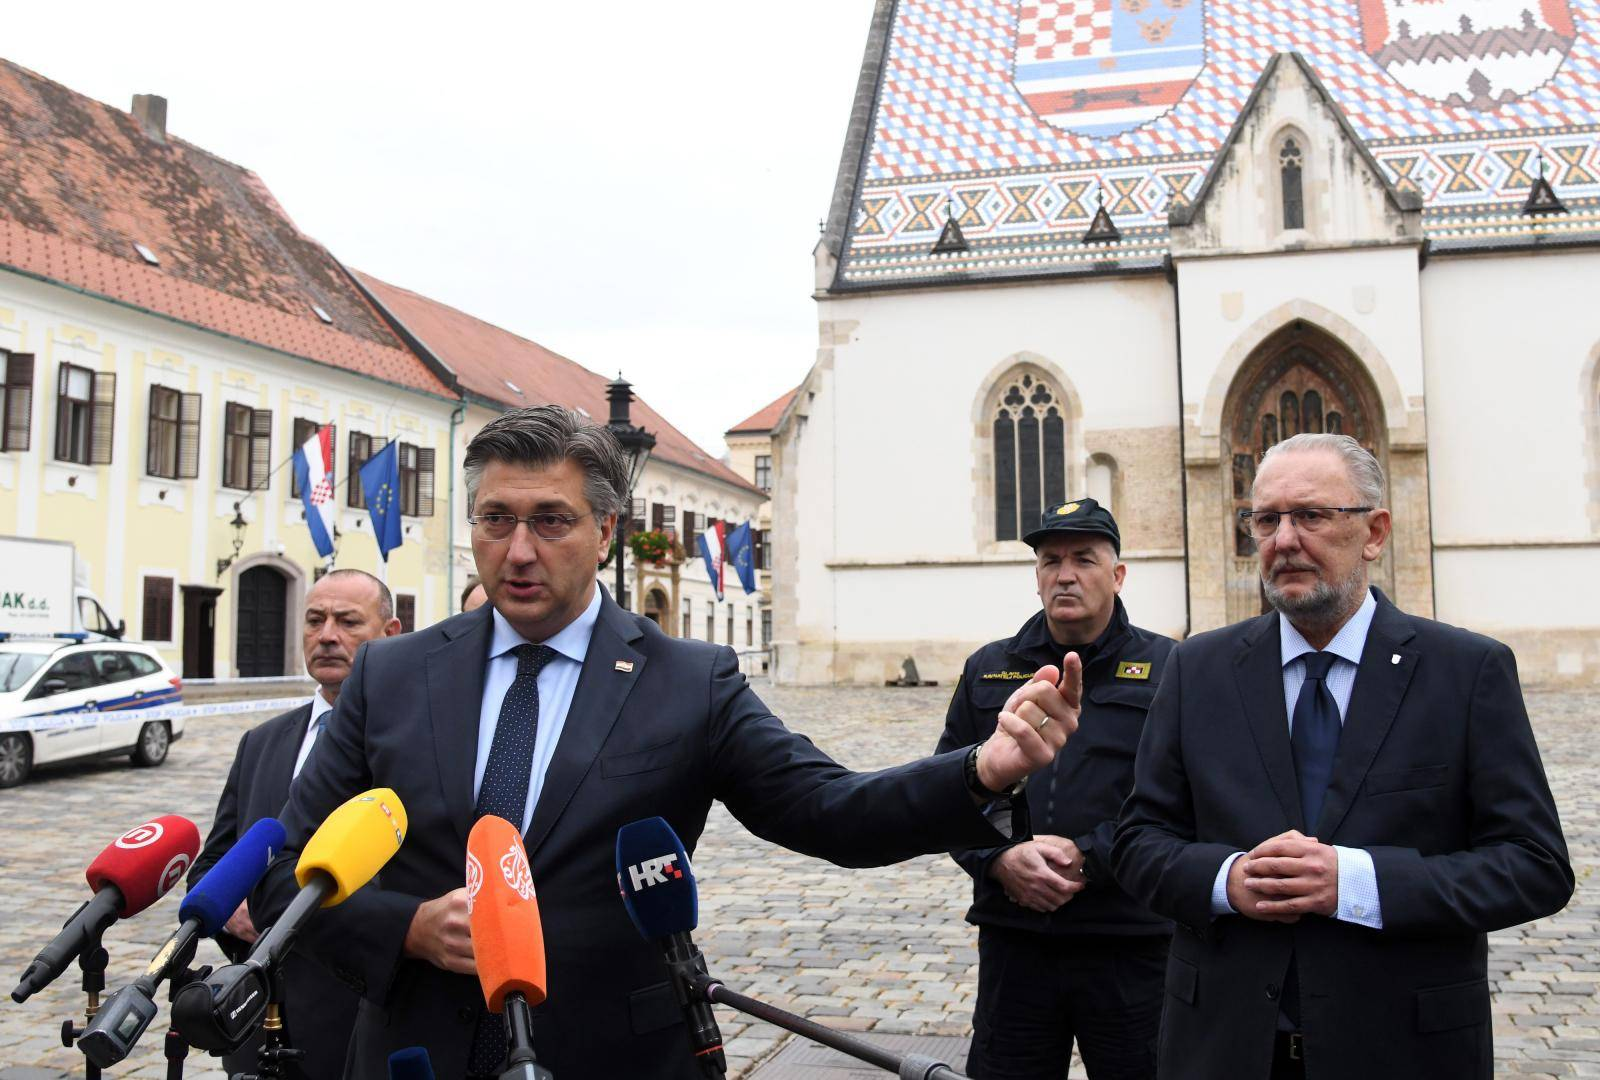 Zagreb: Izjava Andreja Plenkovića nakon pucnjave na policajca na Trgu svetog Marka